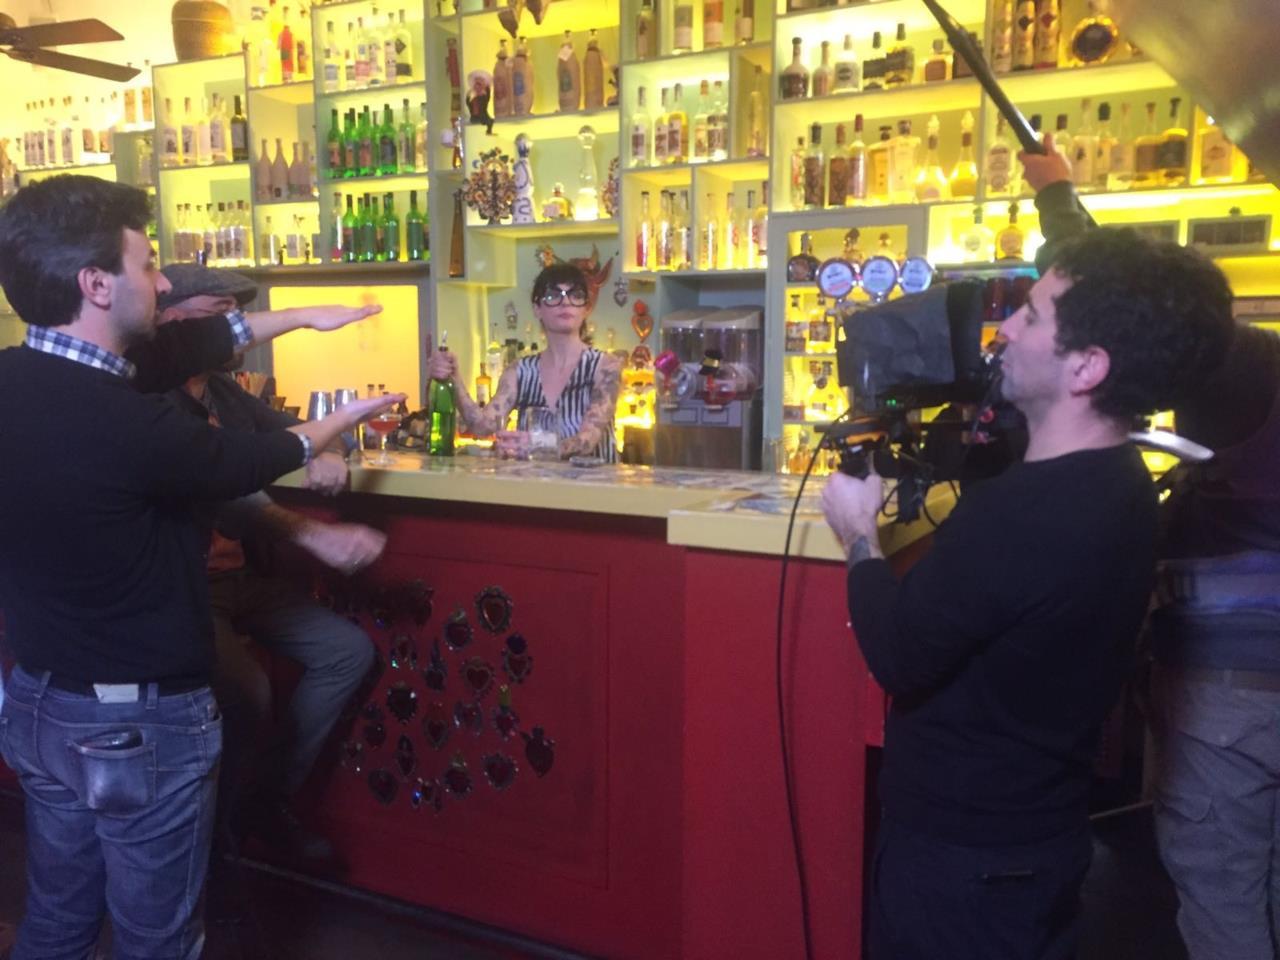 Bartendency: LaMario si dimostra una brava bartender dietro al bancone